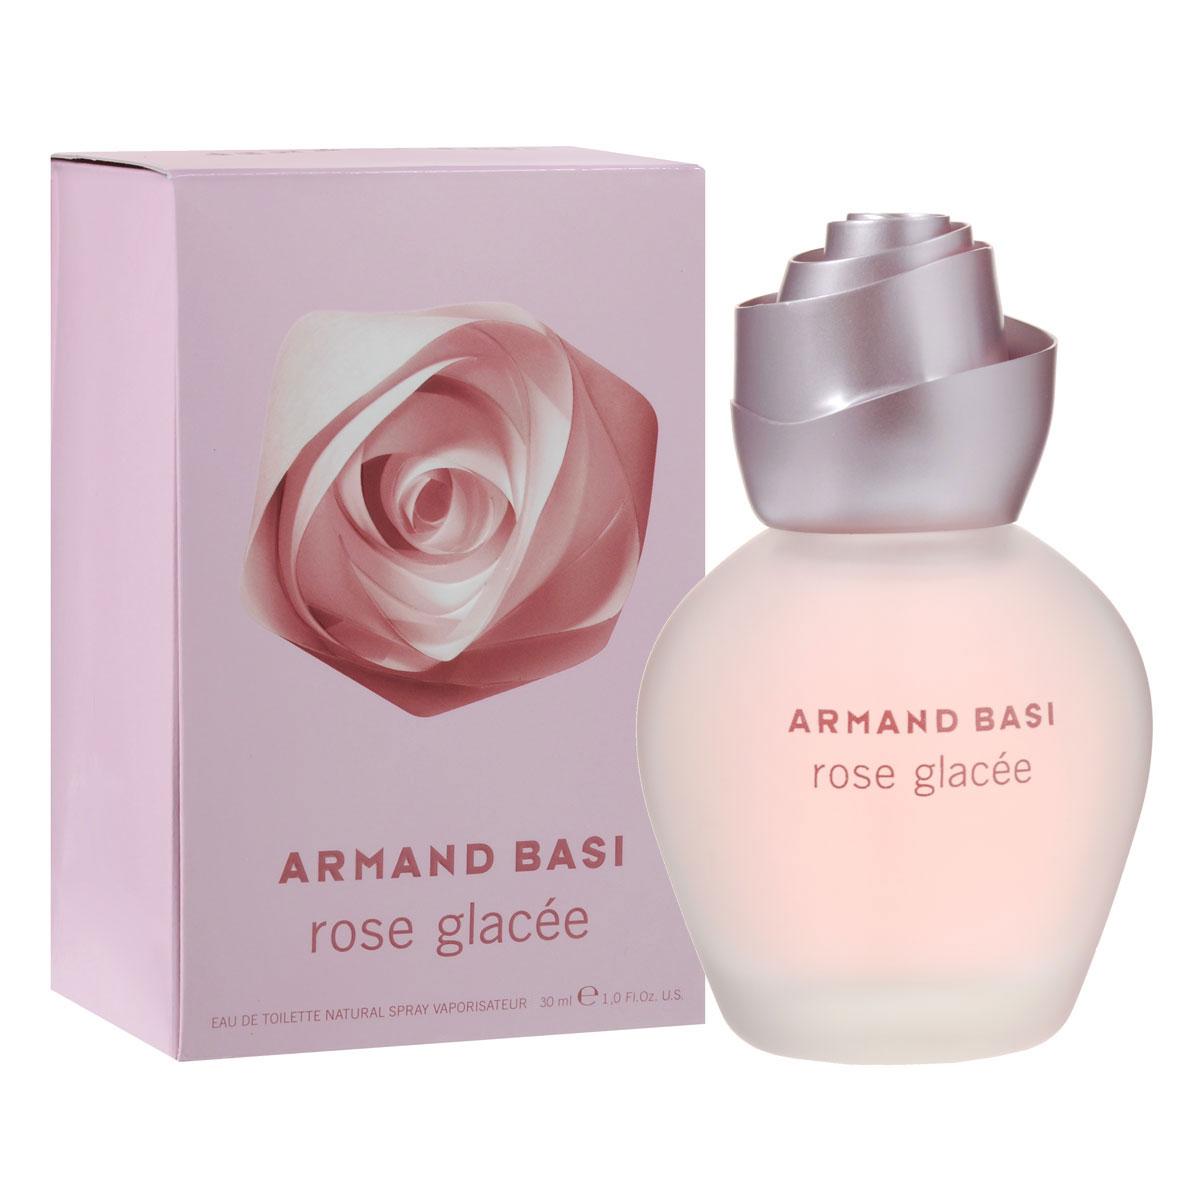 """Armand Basi Туалетная вода Rose Glacee, женская, 30 мл28032022Органичная и геометричная, роза является сердцем и вдохновением нового аромата от Armand Basi, который открывает перед нами мир сущности цветка. Его концепция усовершенствована и обновлена выведением на игровое поле главного игрока - геометрии. Роза - это символ совершенства. Универсальный цветок, признанный во всем мире воплощением тайны женщины. Это самый безупречный цветок. Ее красота радует глаз; ее аромат роскошный, превосходный, пьянящий, нежно-бархатный и хрупкий. И в то же время он обманывает, бунтует и отклоняется от всех мыслимых стандартов: шипы ранят руку каждого, кто осмелится срезать розу.Glacee - французское слово, которое обозначает """"замороженный"""". Роза, закованная в ледяные цепи. Хранимая холодом, продлевающим жизнь ее красоты, она стоит непокорно и гордо. Обольстительная и прекрасная. Rose Glacee, имя нового аромата, воплощающего напряжение во внешнем проявлении. Теплая и холодная, спокойная и агрессивная, дружелюбная, но предающая, прекрасная, но эфемерная. Она совершенна в своей хрупкости, как и в своей обманности. Восхищаться ей - это испытывать обоснованную страсть к ее совершенству. Armand Basi Rose Glacee - это туманное очертание розы на закате. Свежесть, смешанная с нетерпением. Совершенство, замороженное во времени. Холод, что стимулирует и пробуждает. Форма спирали, что выбрасывается вперед. Завуалированный предмет удовольствия, словно обещание на будущее. Жажда жизни. Интенсивность молодости. Тайна, что постепенно раскрывается. Неудержимая и первобытная радость бытия.Классификация аромата: цветочный.Пирамида аромата:Верхние ноты: зеленое яблоко, грейпфрут, лимон.Ноты сердца: роза Пьяже, корица, абрикосовый нектар.Ноты шлейфа: светлое дерево, амбра, мускус.Ключевые словаСвежий, морозный, таинственный!Туалетная вода - один из самых популярных видов парфюмерной продукции. Туалетная вода содержит 4-10%парфюмерного экстракта. Главные достоинства данного типа продукции заключаются в """